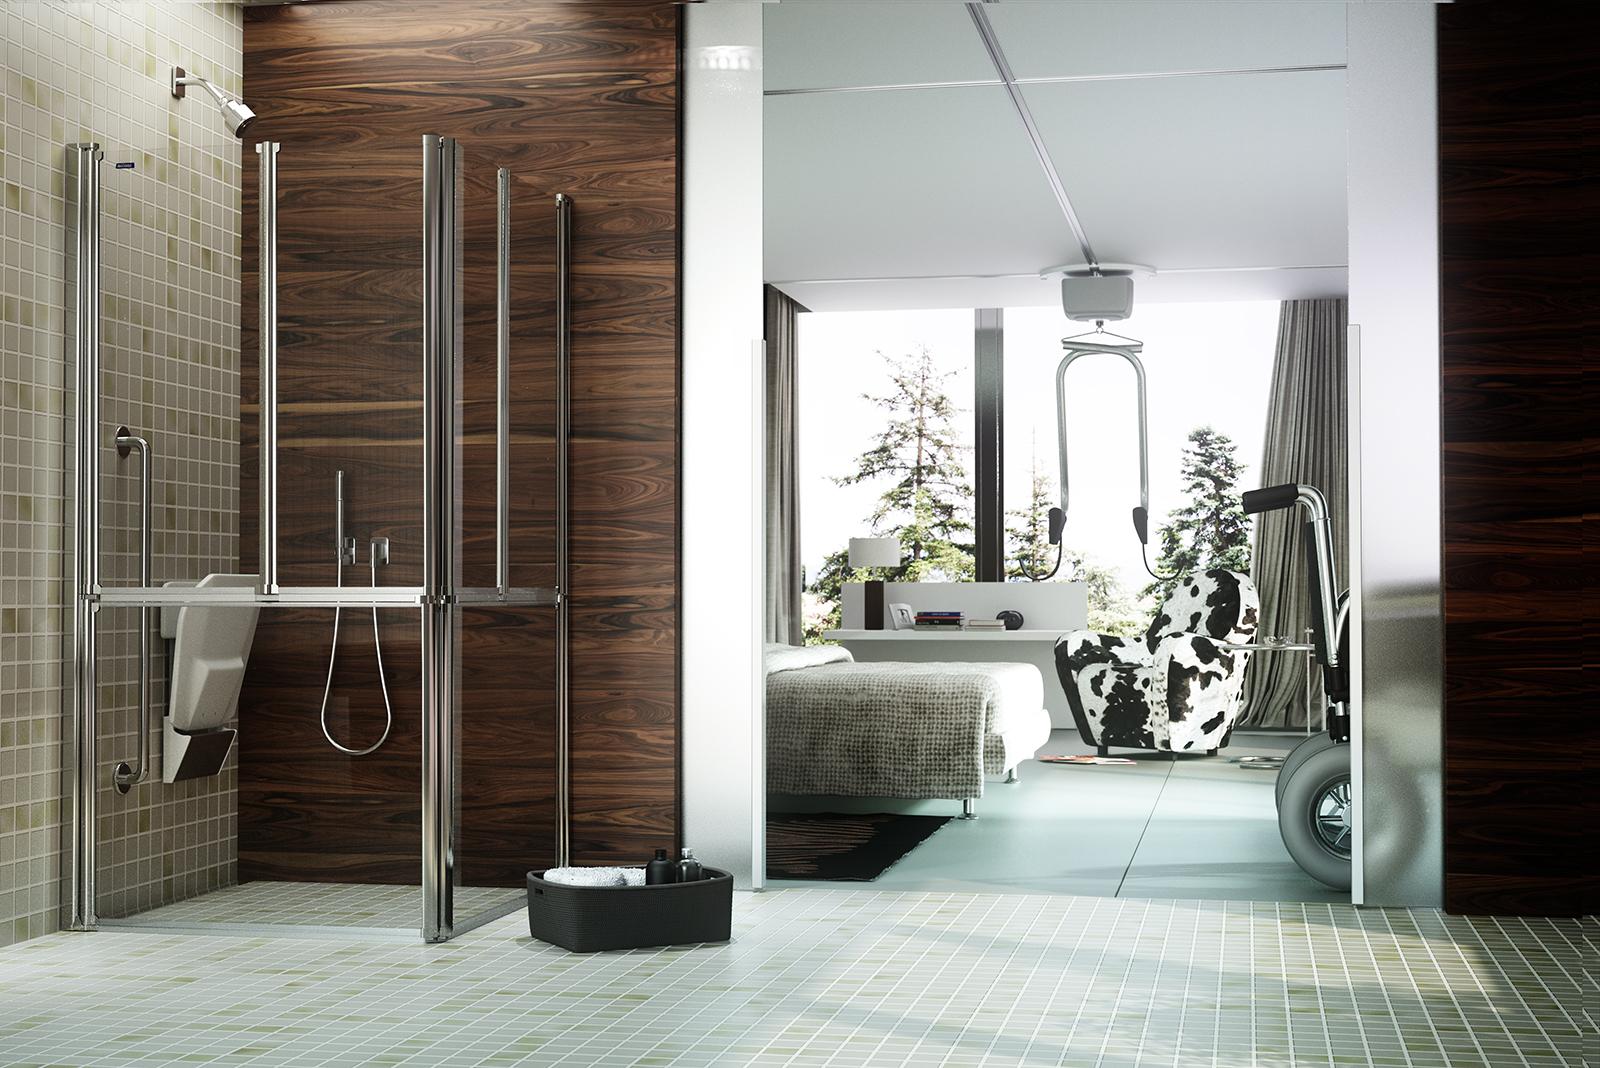 salle-de-bain-adaptee-pour-le-maintien-a-domicile